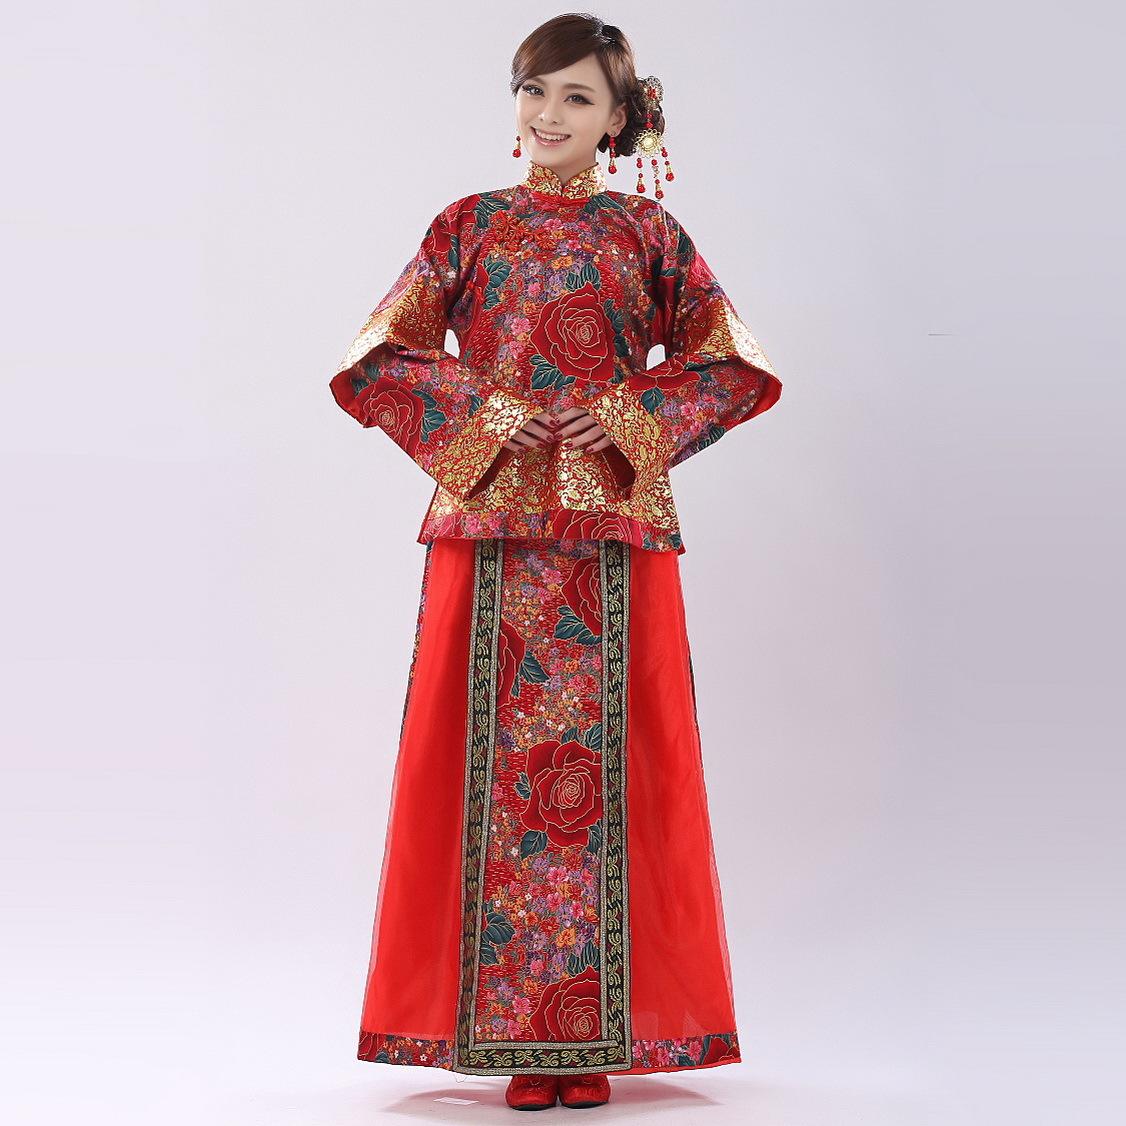 新娘秀禾服新款秀和装敬酒服 中式礼服 古装仙女装演出 唐装汉服图片